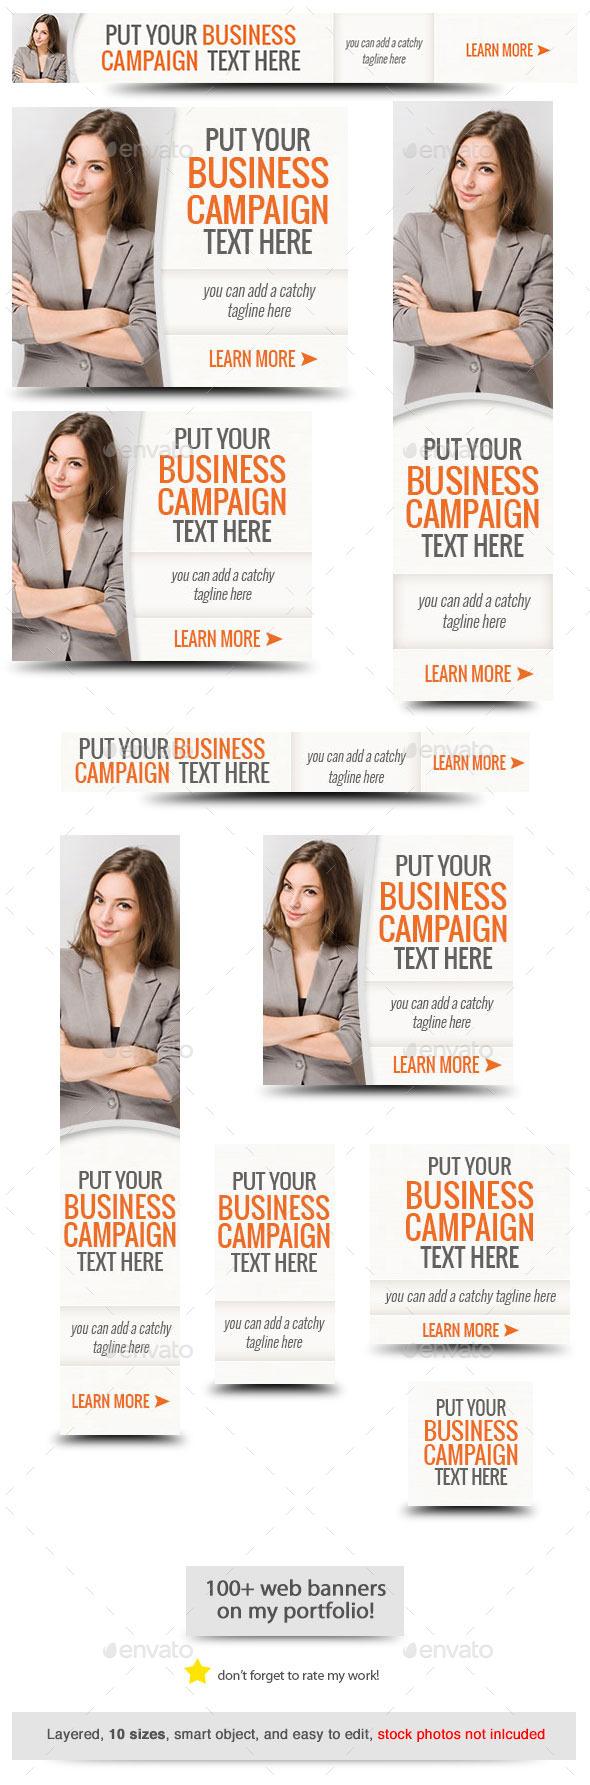 GraphicRiver Corporate Web Banner Design Template 53 9253290